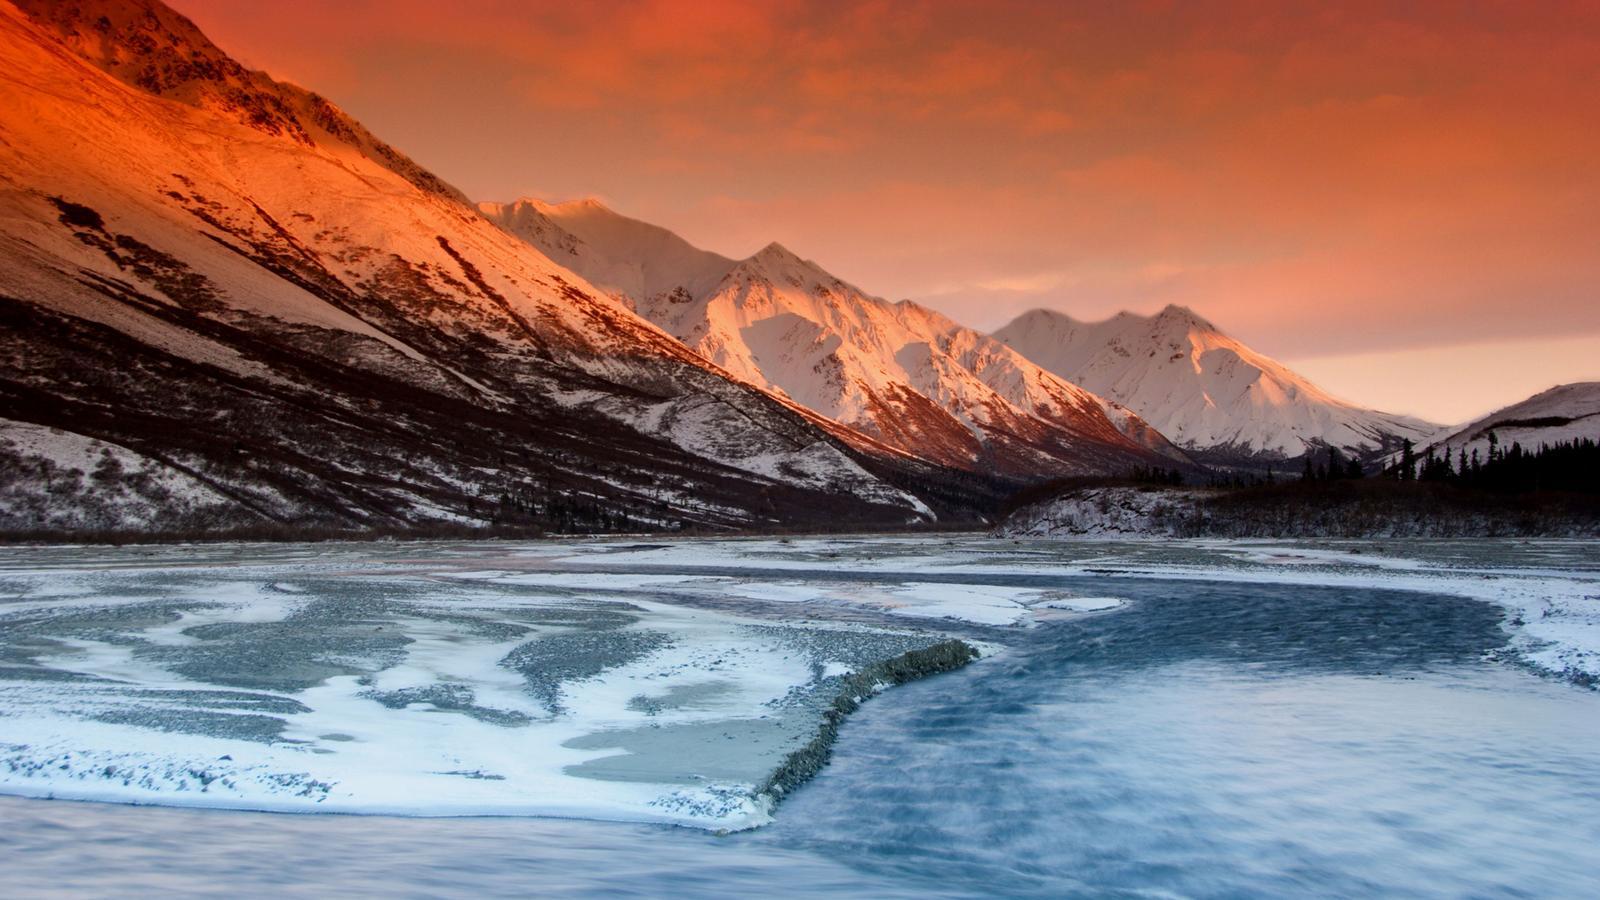 Alaskan sunset on the mountain range